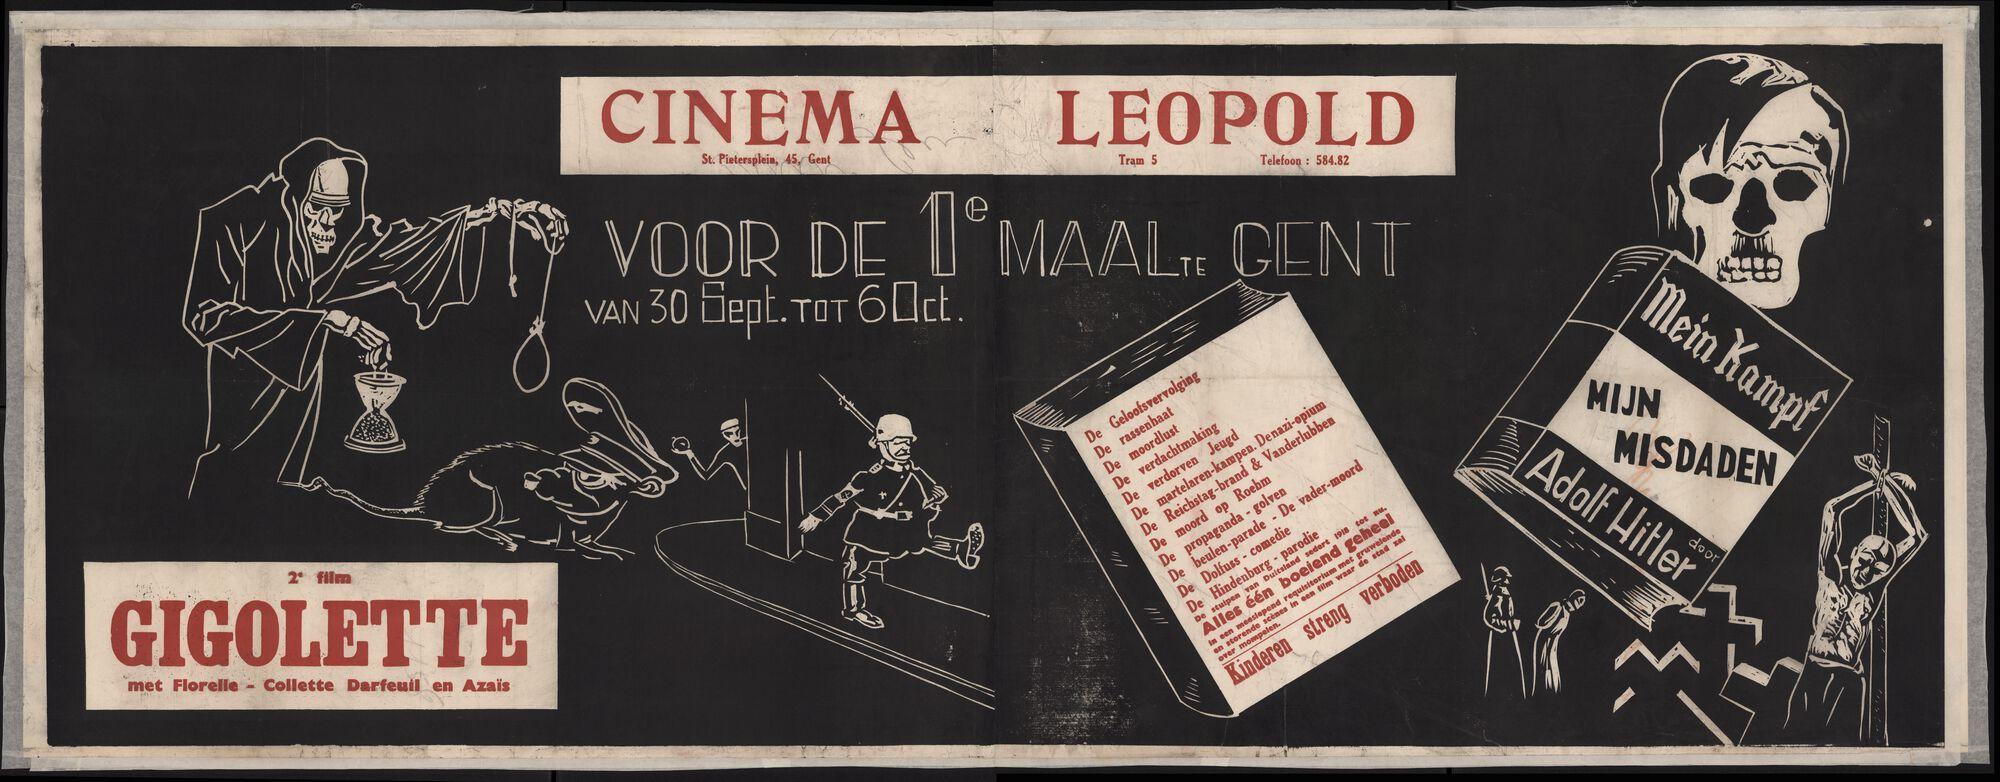 Mein Kampf | Mijn misdaden (film 1), Gigolette (film 2), Cinema Leopold, Gent